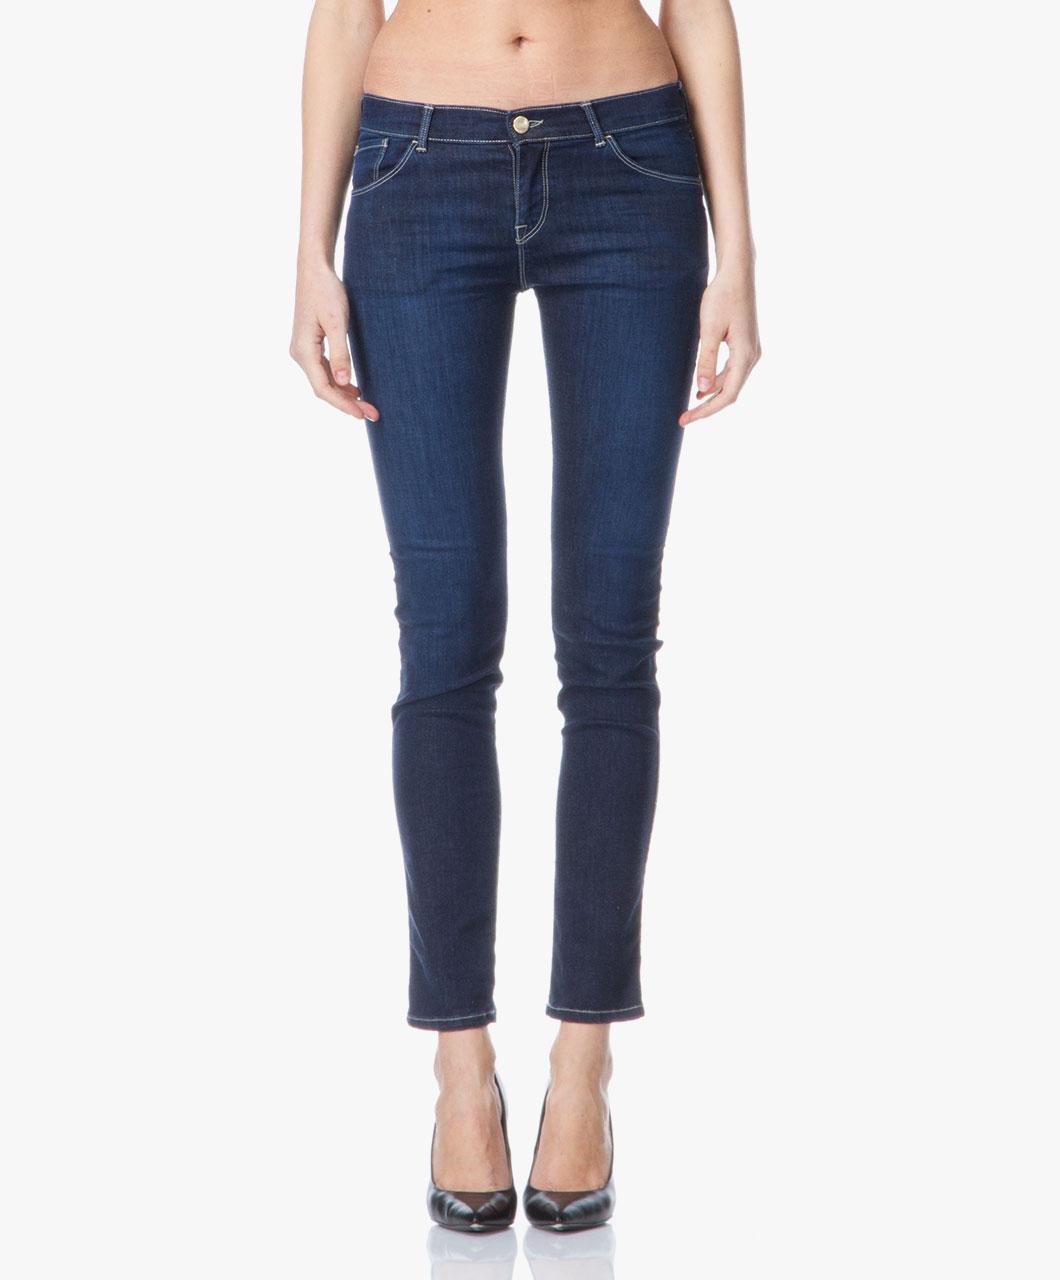 armani jeans j23 push up slim fit jeans denim a5j23 g7 15. Black Bedroom Furniture Sets. Home Design Ideas